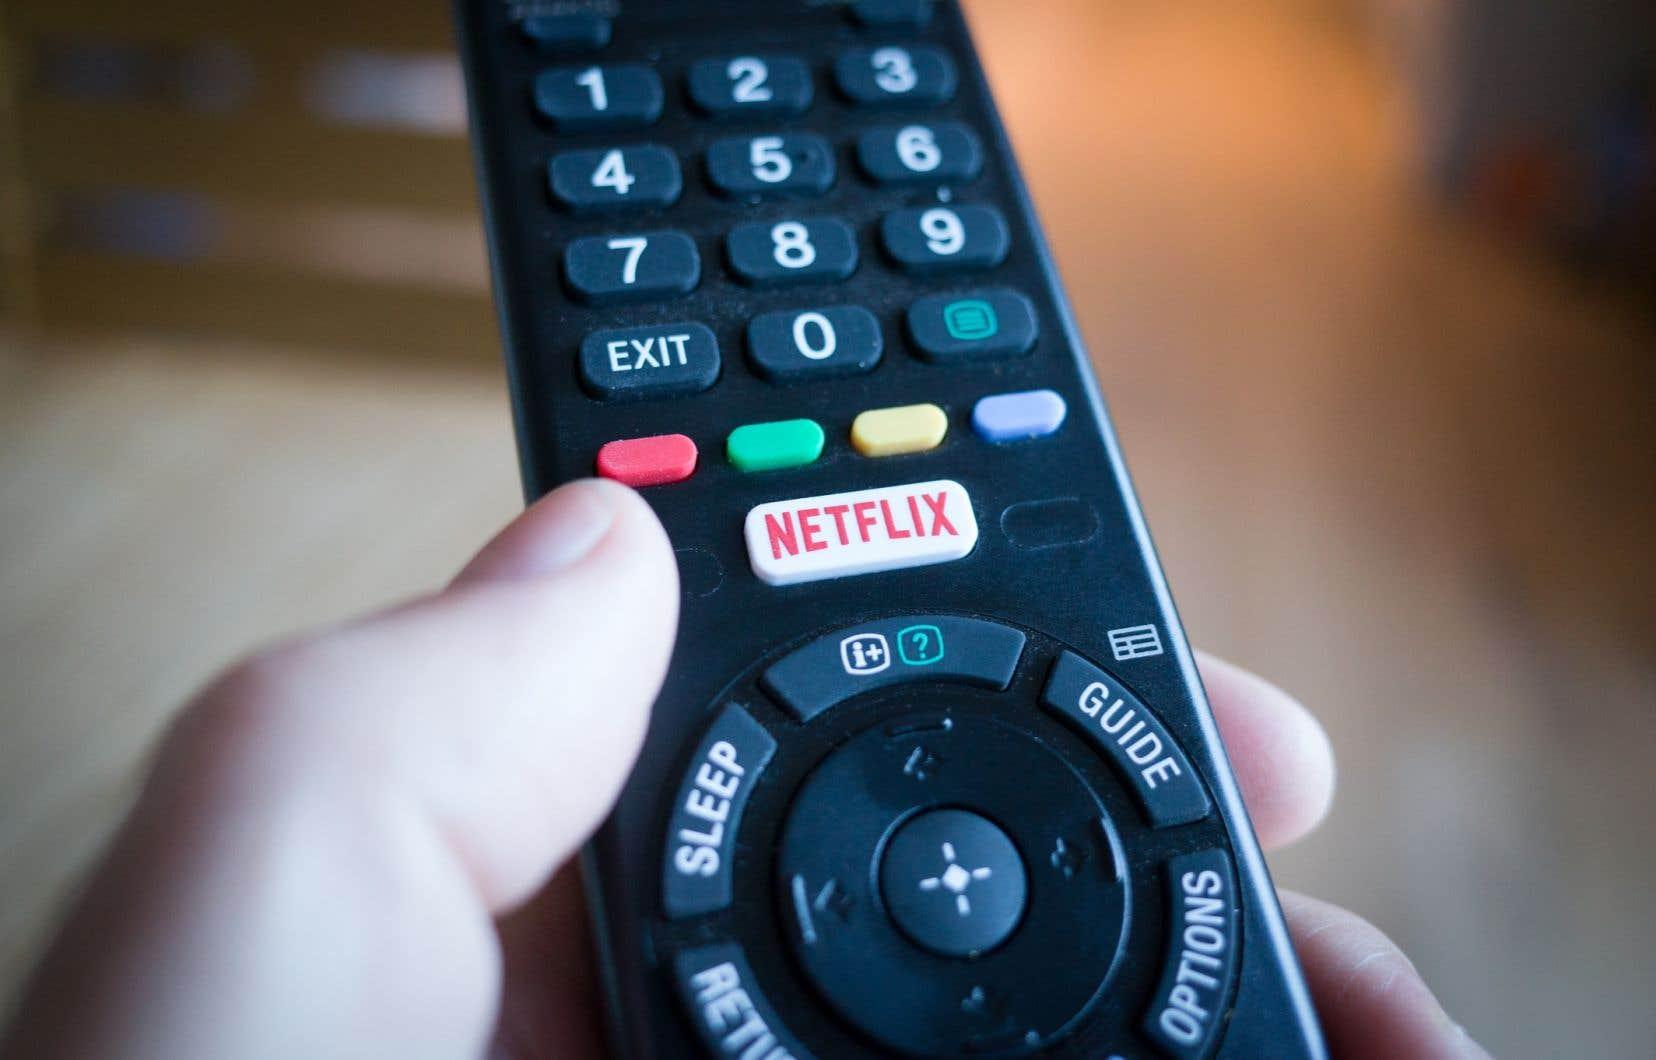 Le Québec perçoit depuis deux ans la TVQ auprès d'une liste de plateformes numériques et d'entreprises hors province qui compte aujourd'hui plus de 900 noms, dont Netflix.